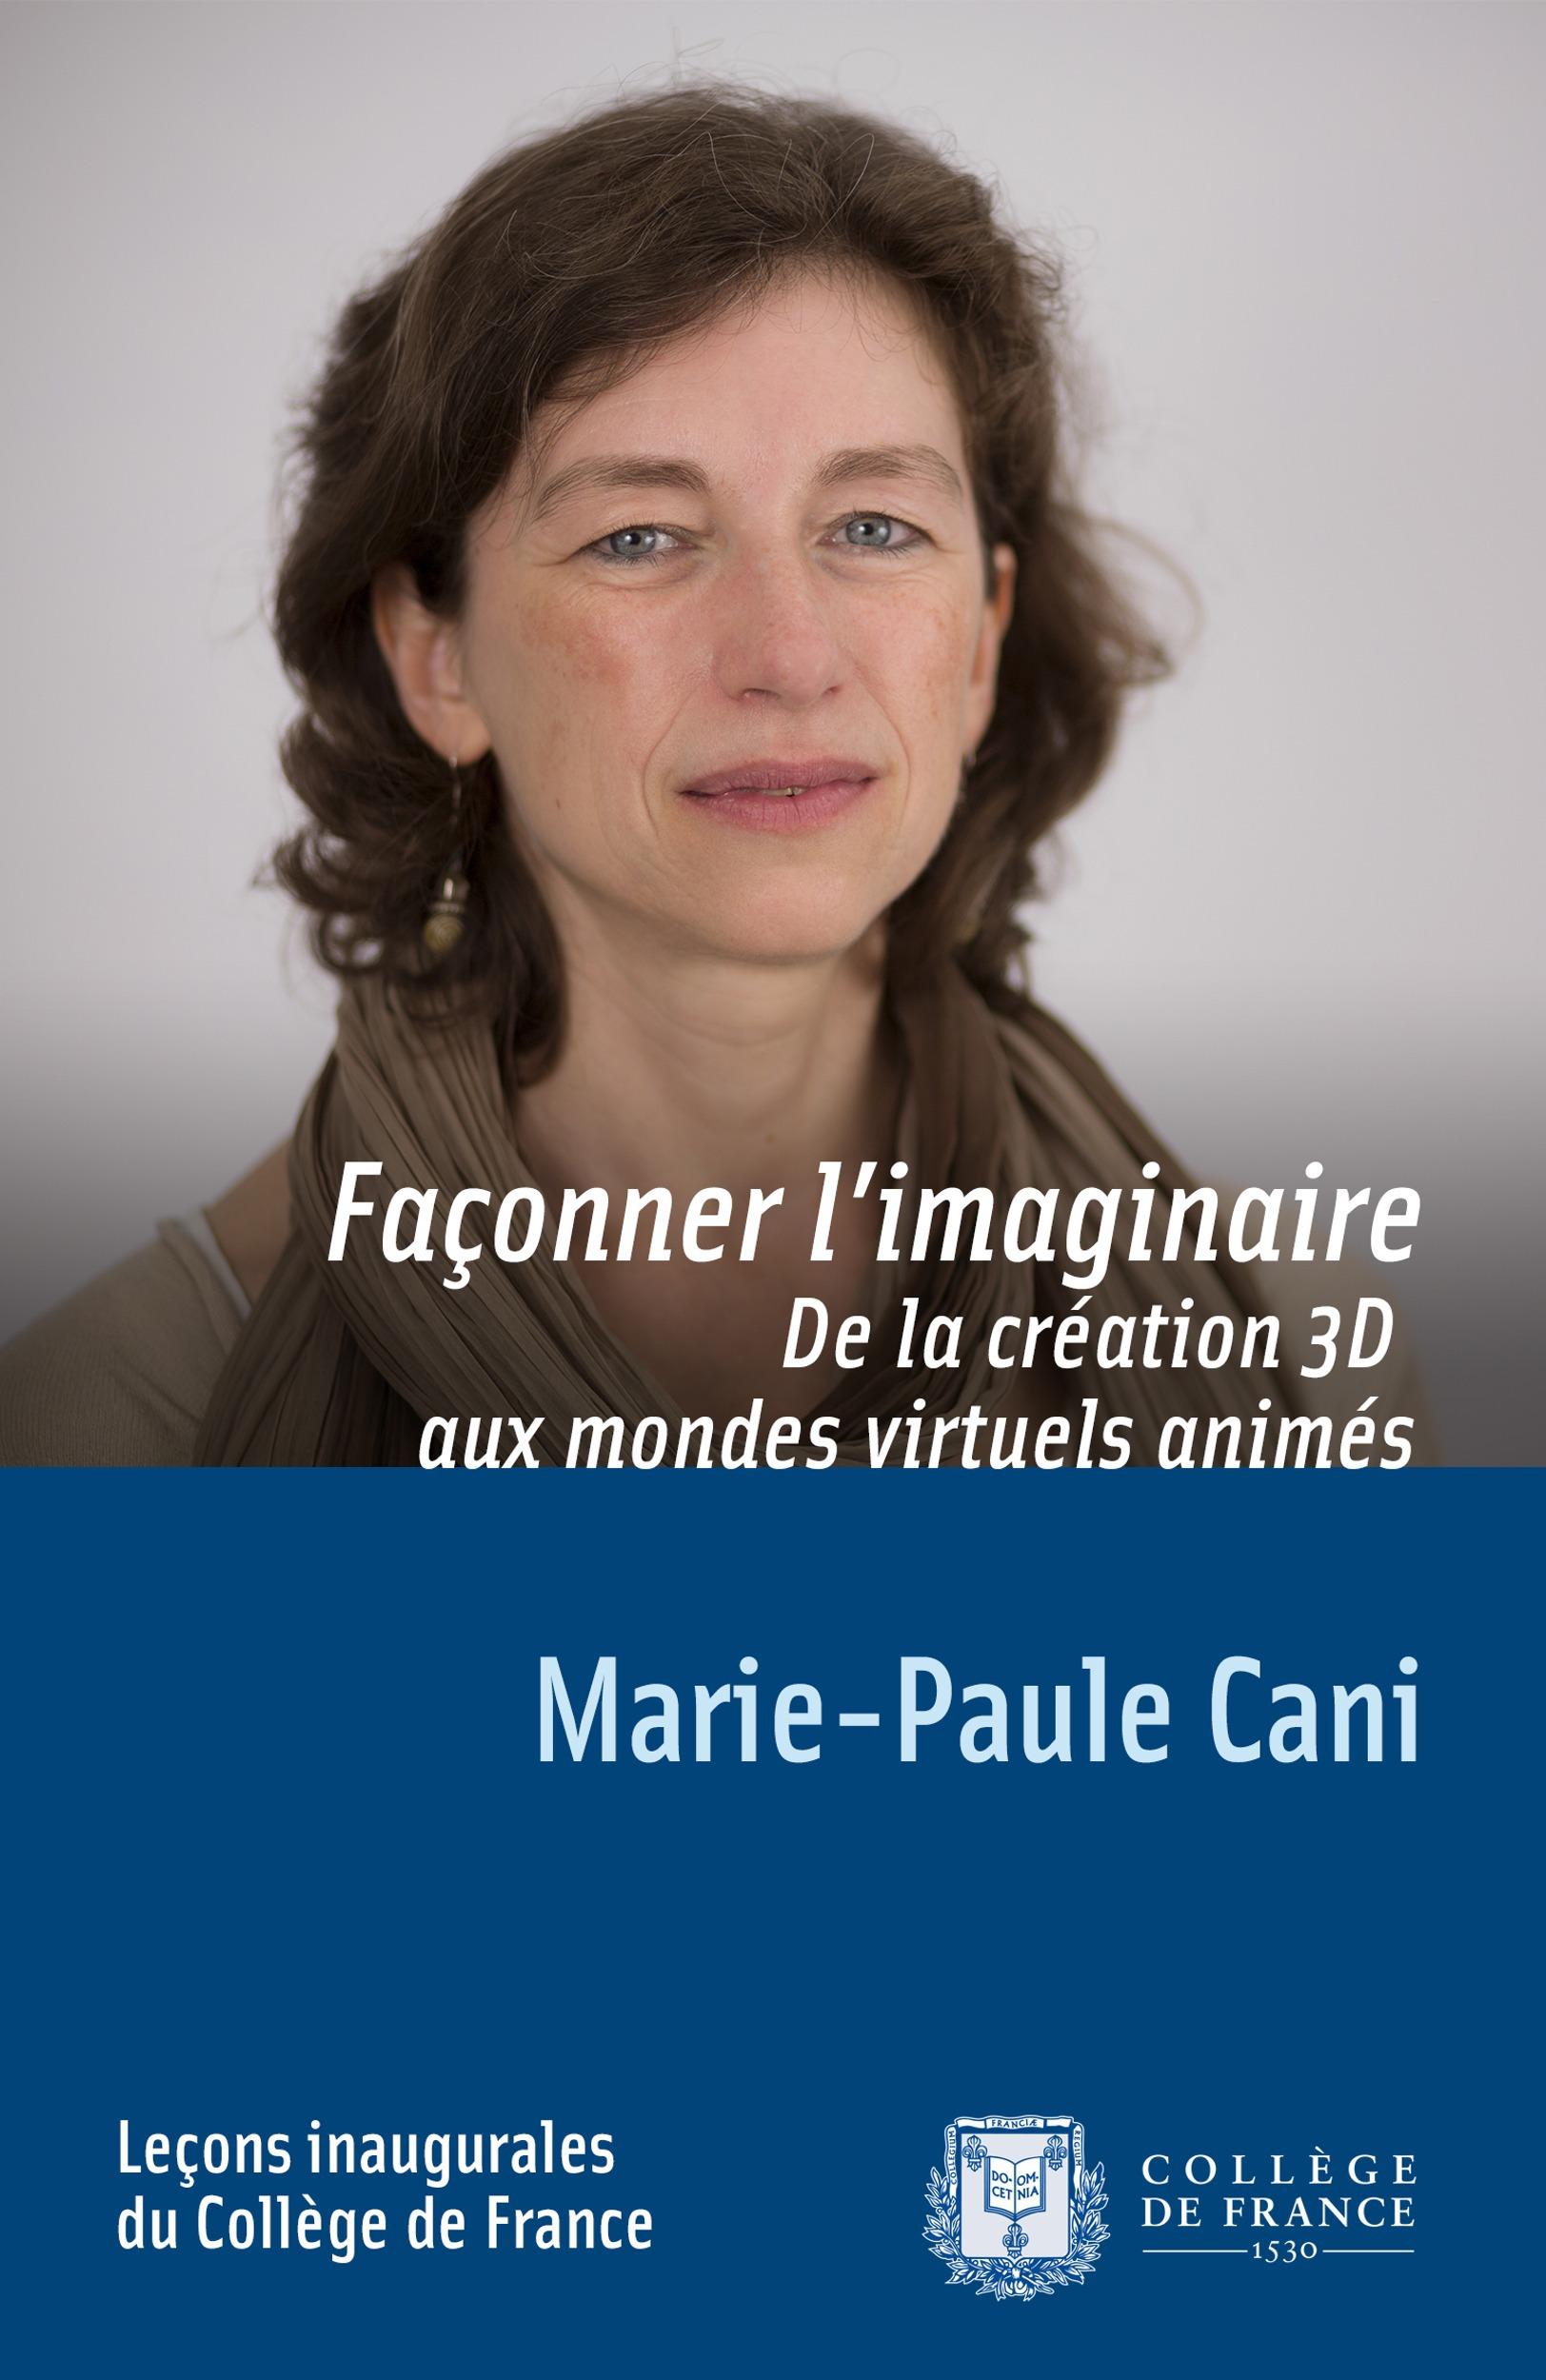 Marie-Paule Cani Façonner l´imaginaire. De la création 3D aux mondes virtuels animés